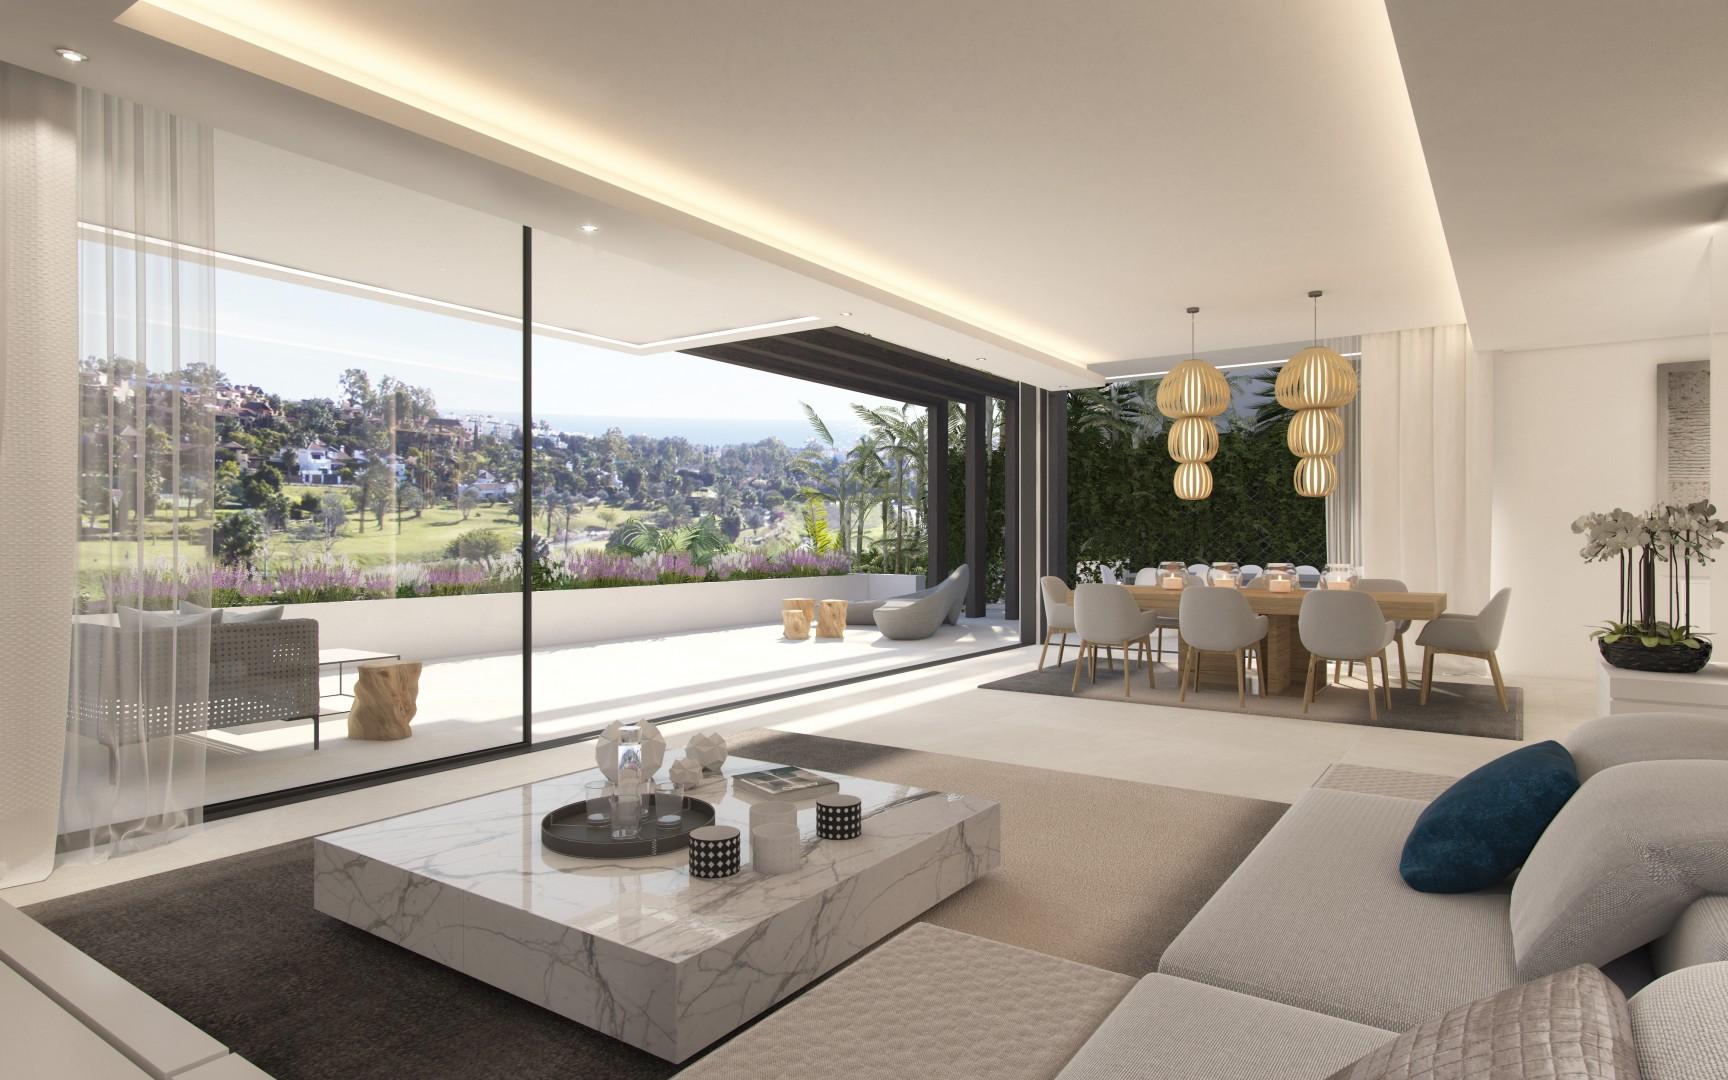 Moderne Villa U0026 39 S Op Golfresort New Golden Mile Estepona